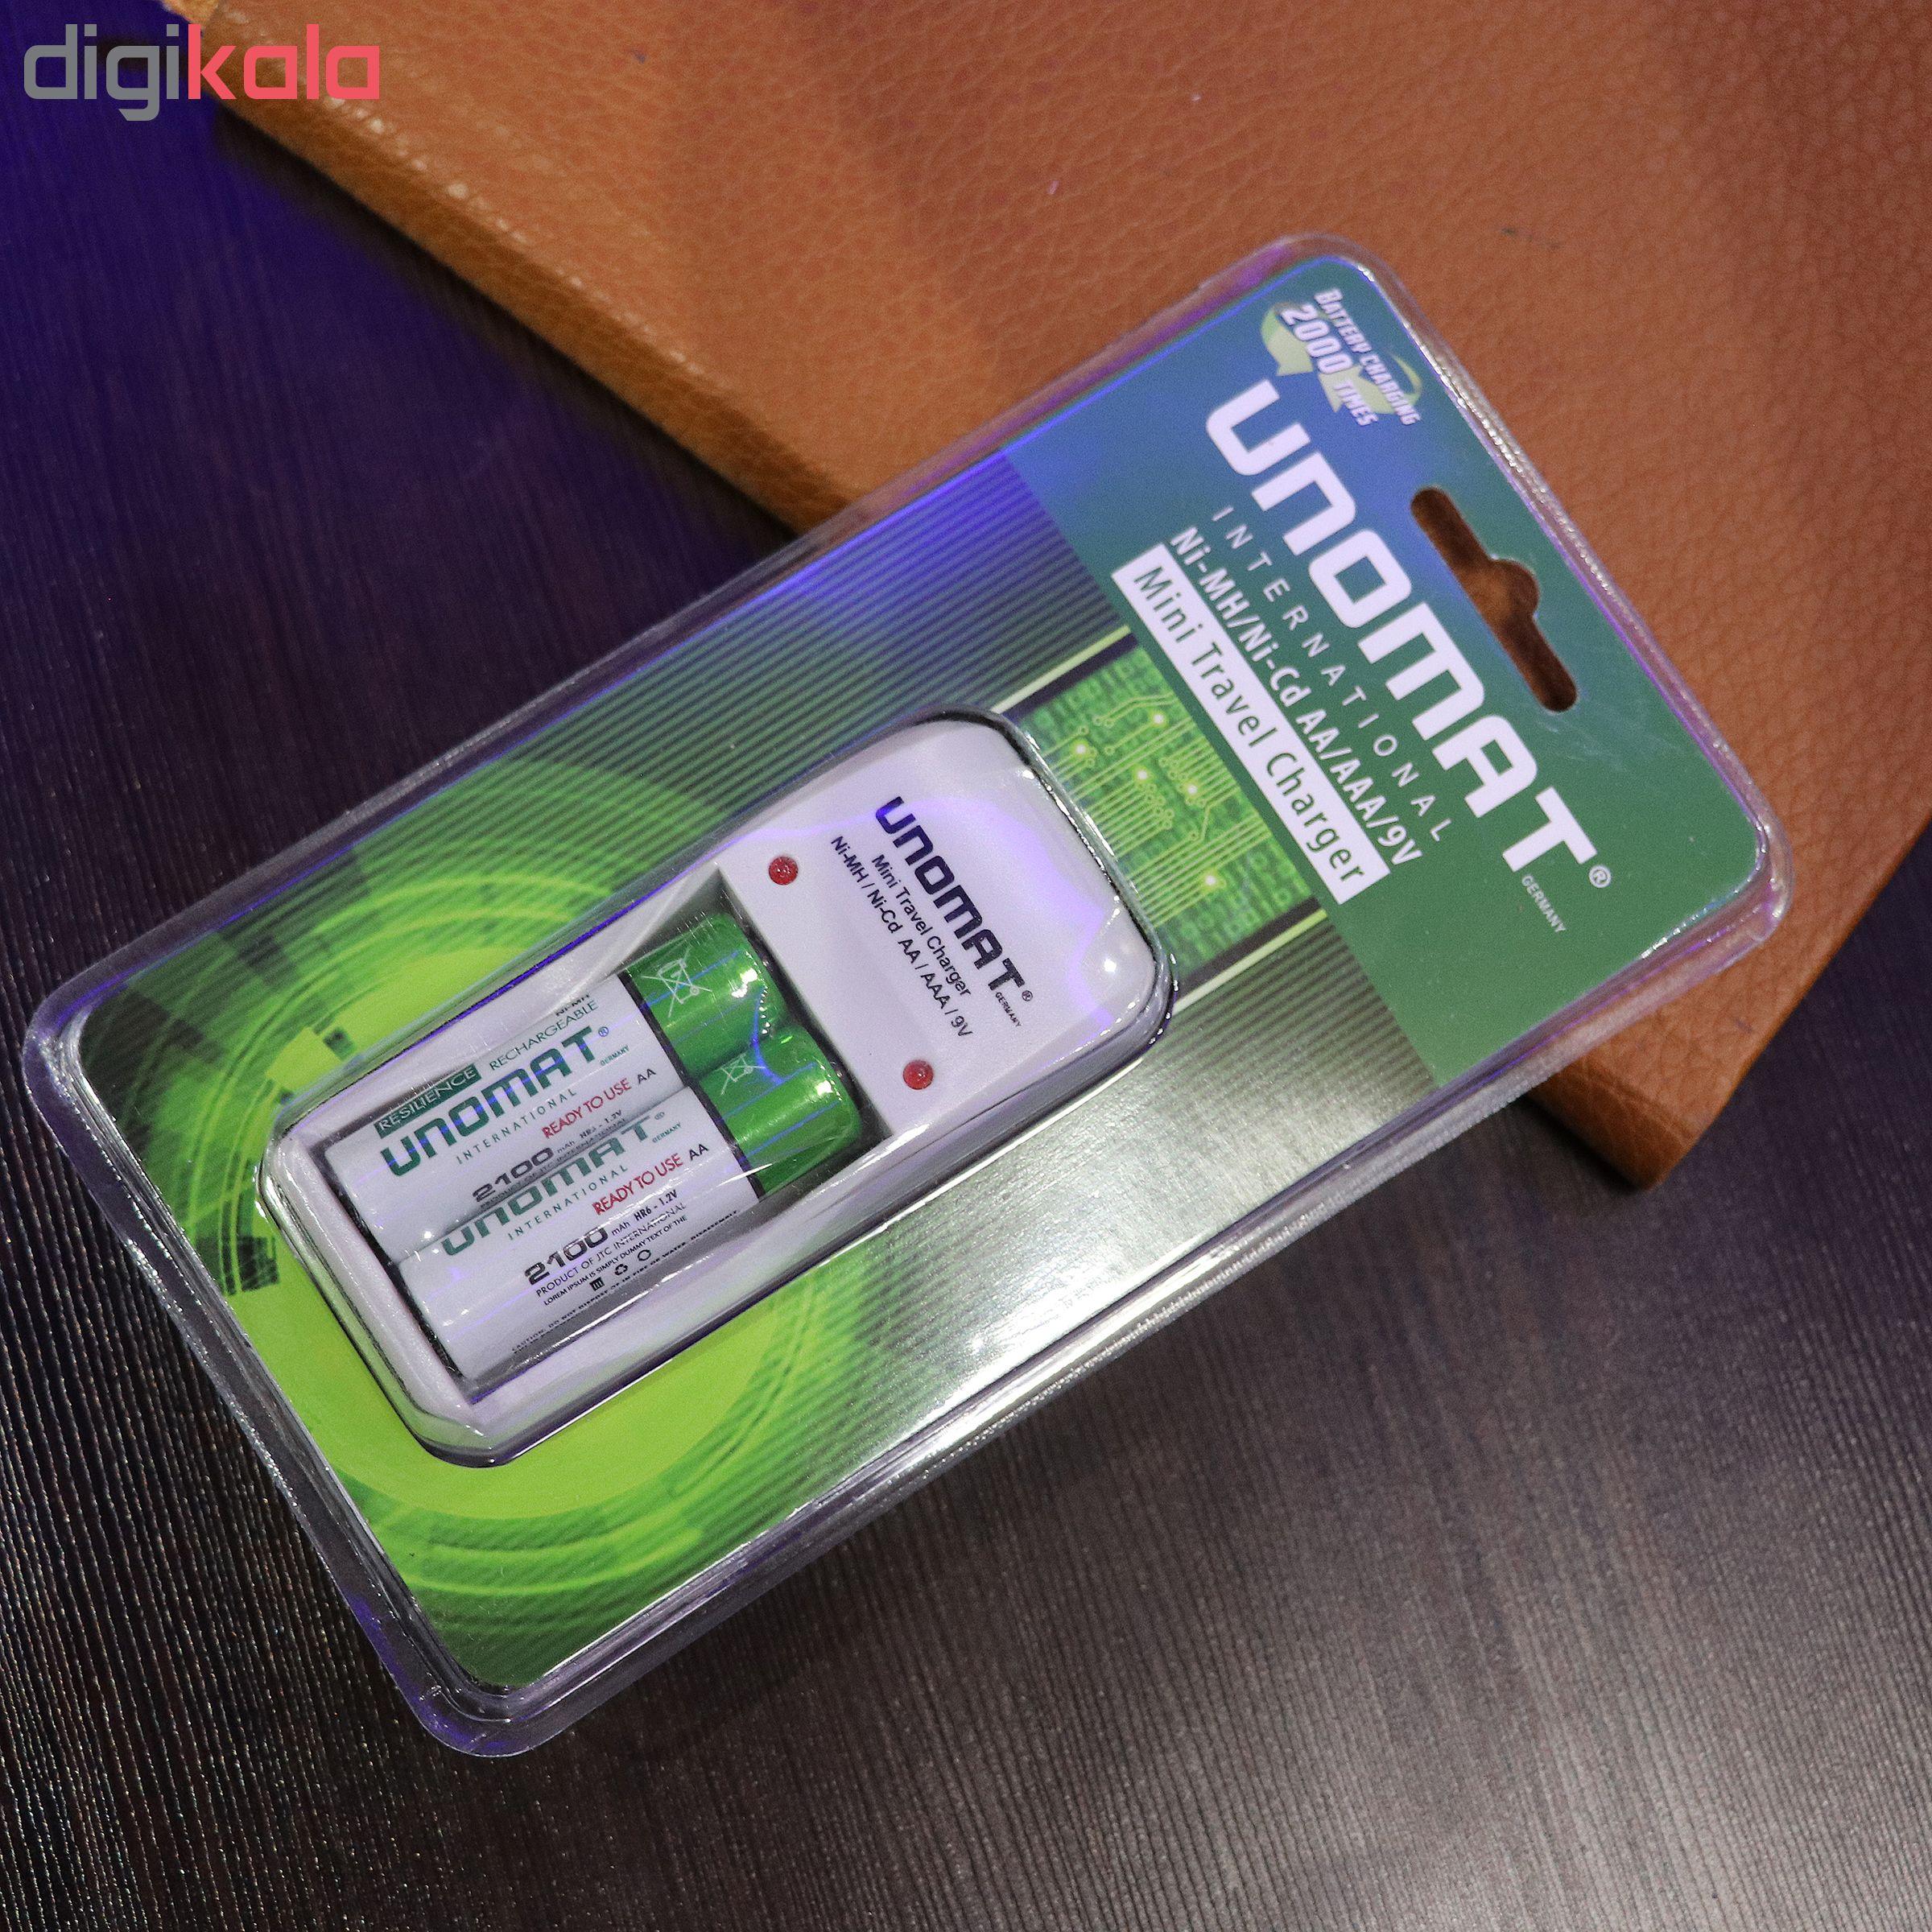 شارژر باتری یونومات مدل PSC002 به همراه 2 باتری قلمی قابل شارژ